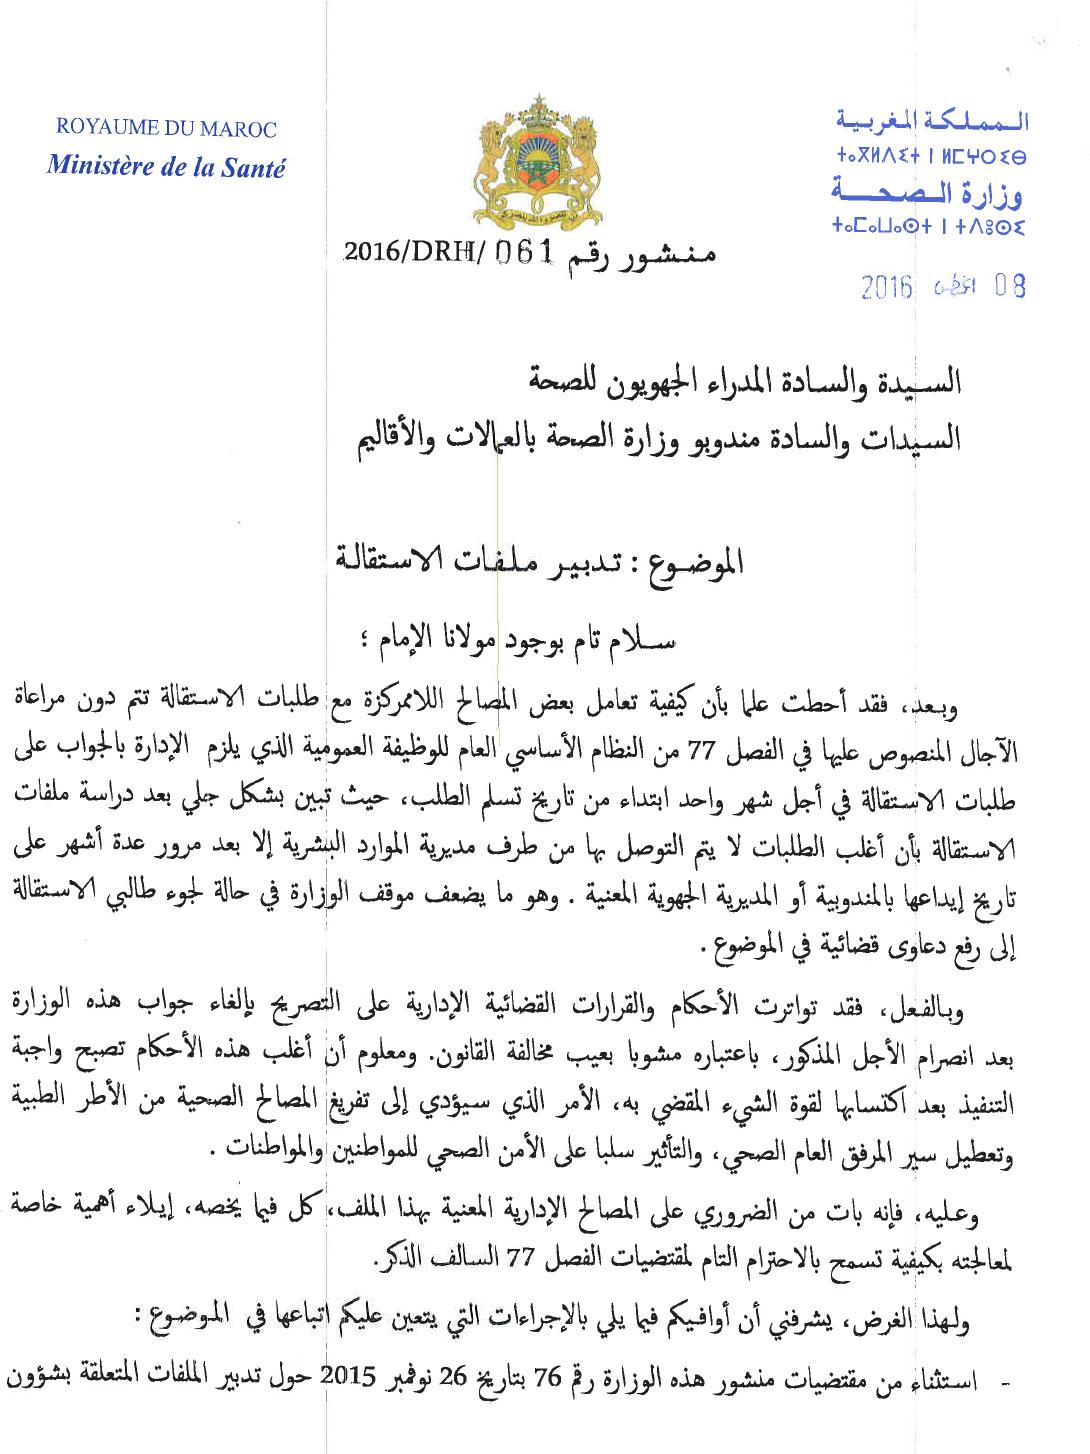 ممرضبريس مسطرة تقديم طلب الاستقالة بوزارة الصحة